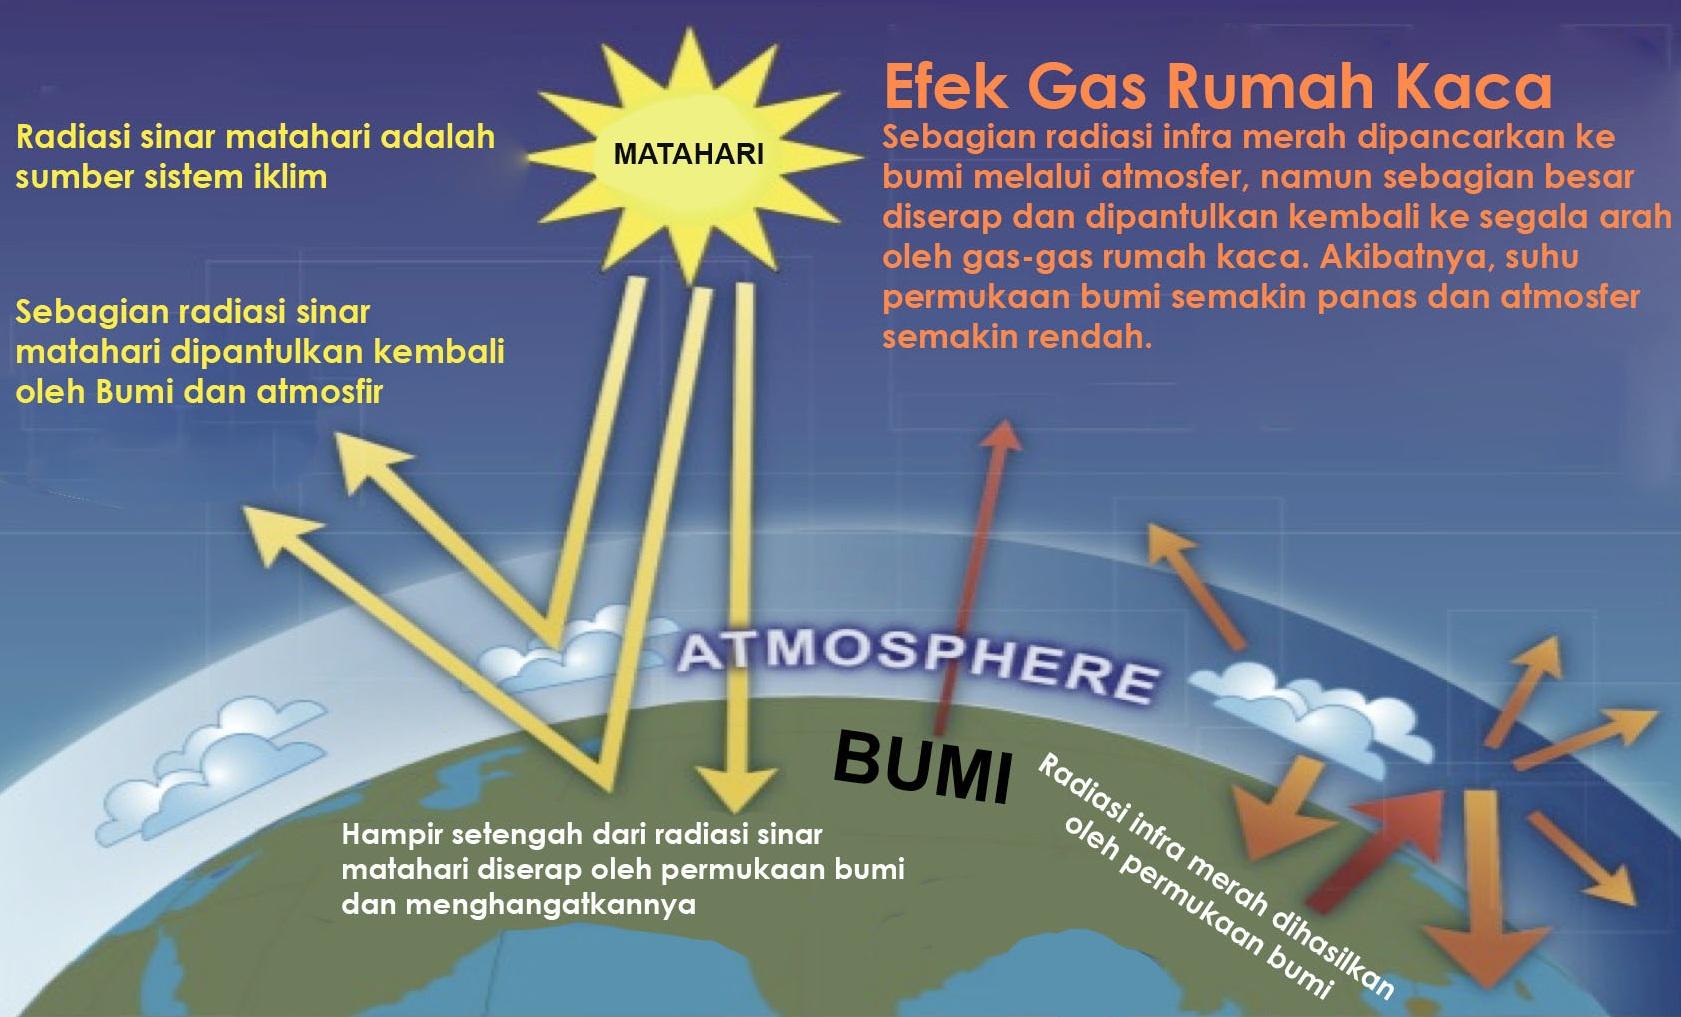 Efek Rumah Kaca Di Atmosfer